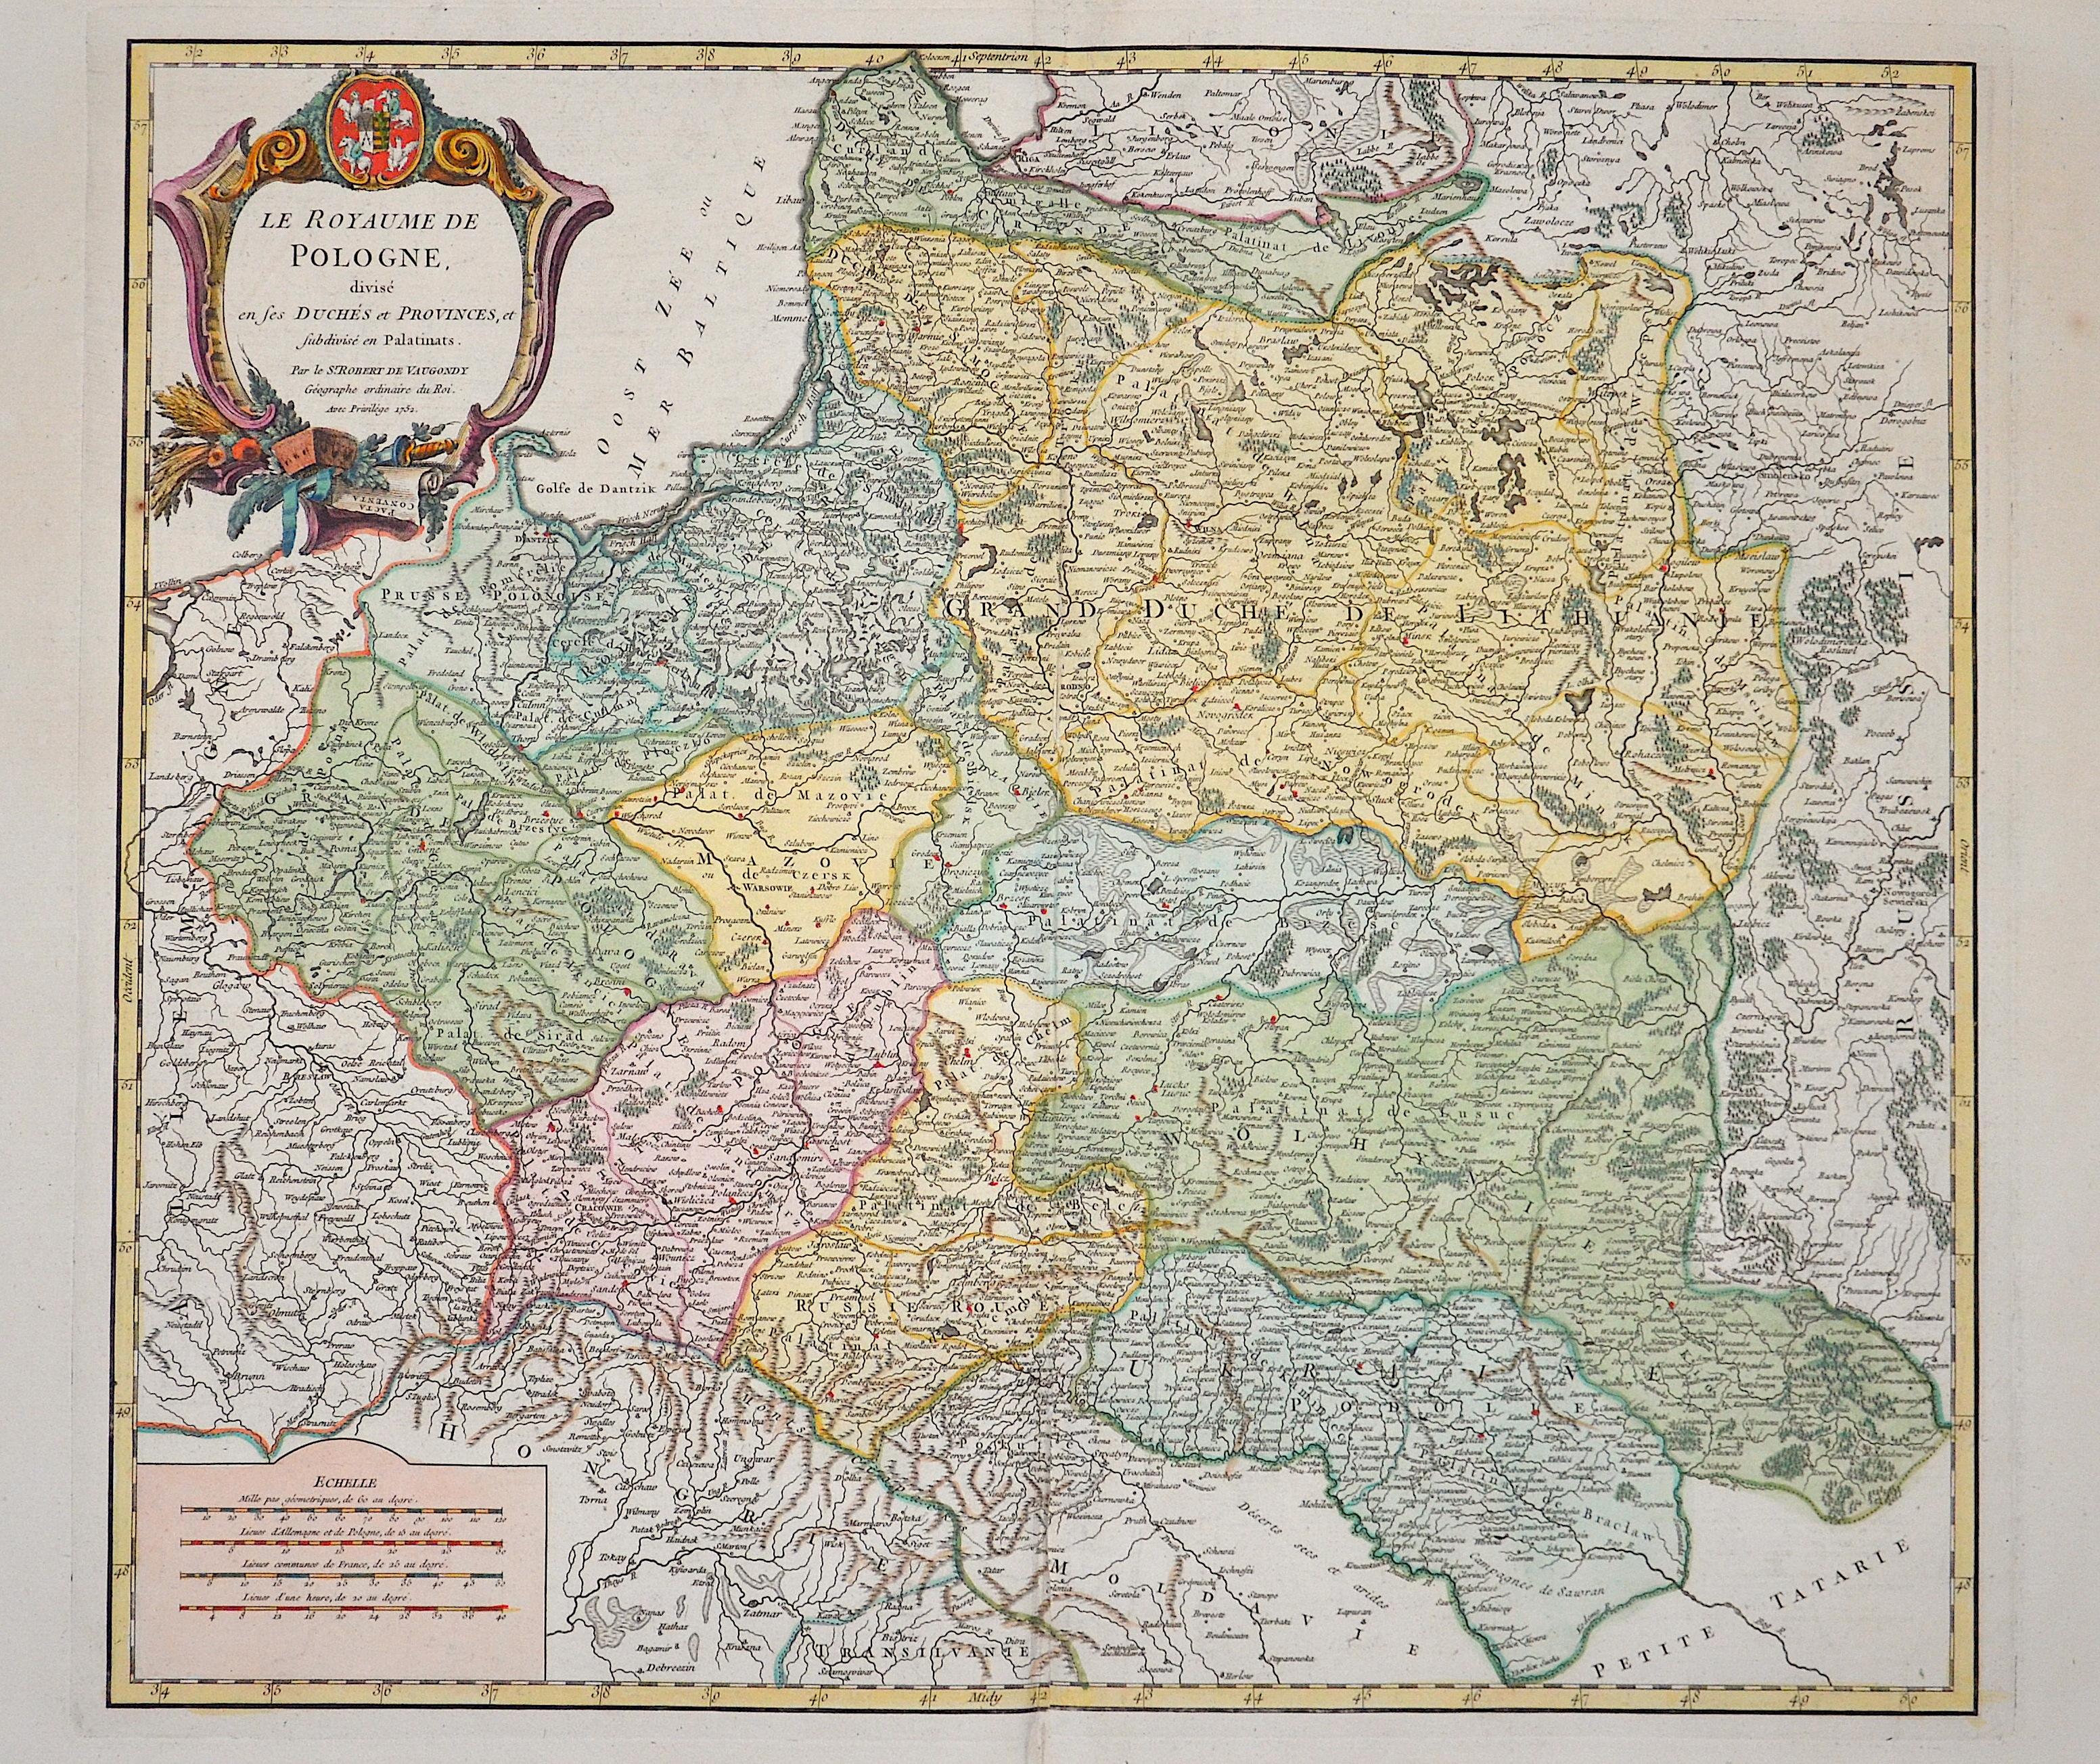 Vaugondy,de  Le Royaume de Pologne, divise en ses Duches et Provinces,et sub divise en Palatinats.